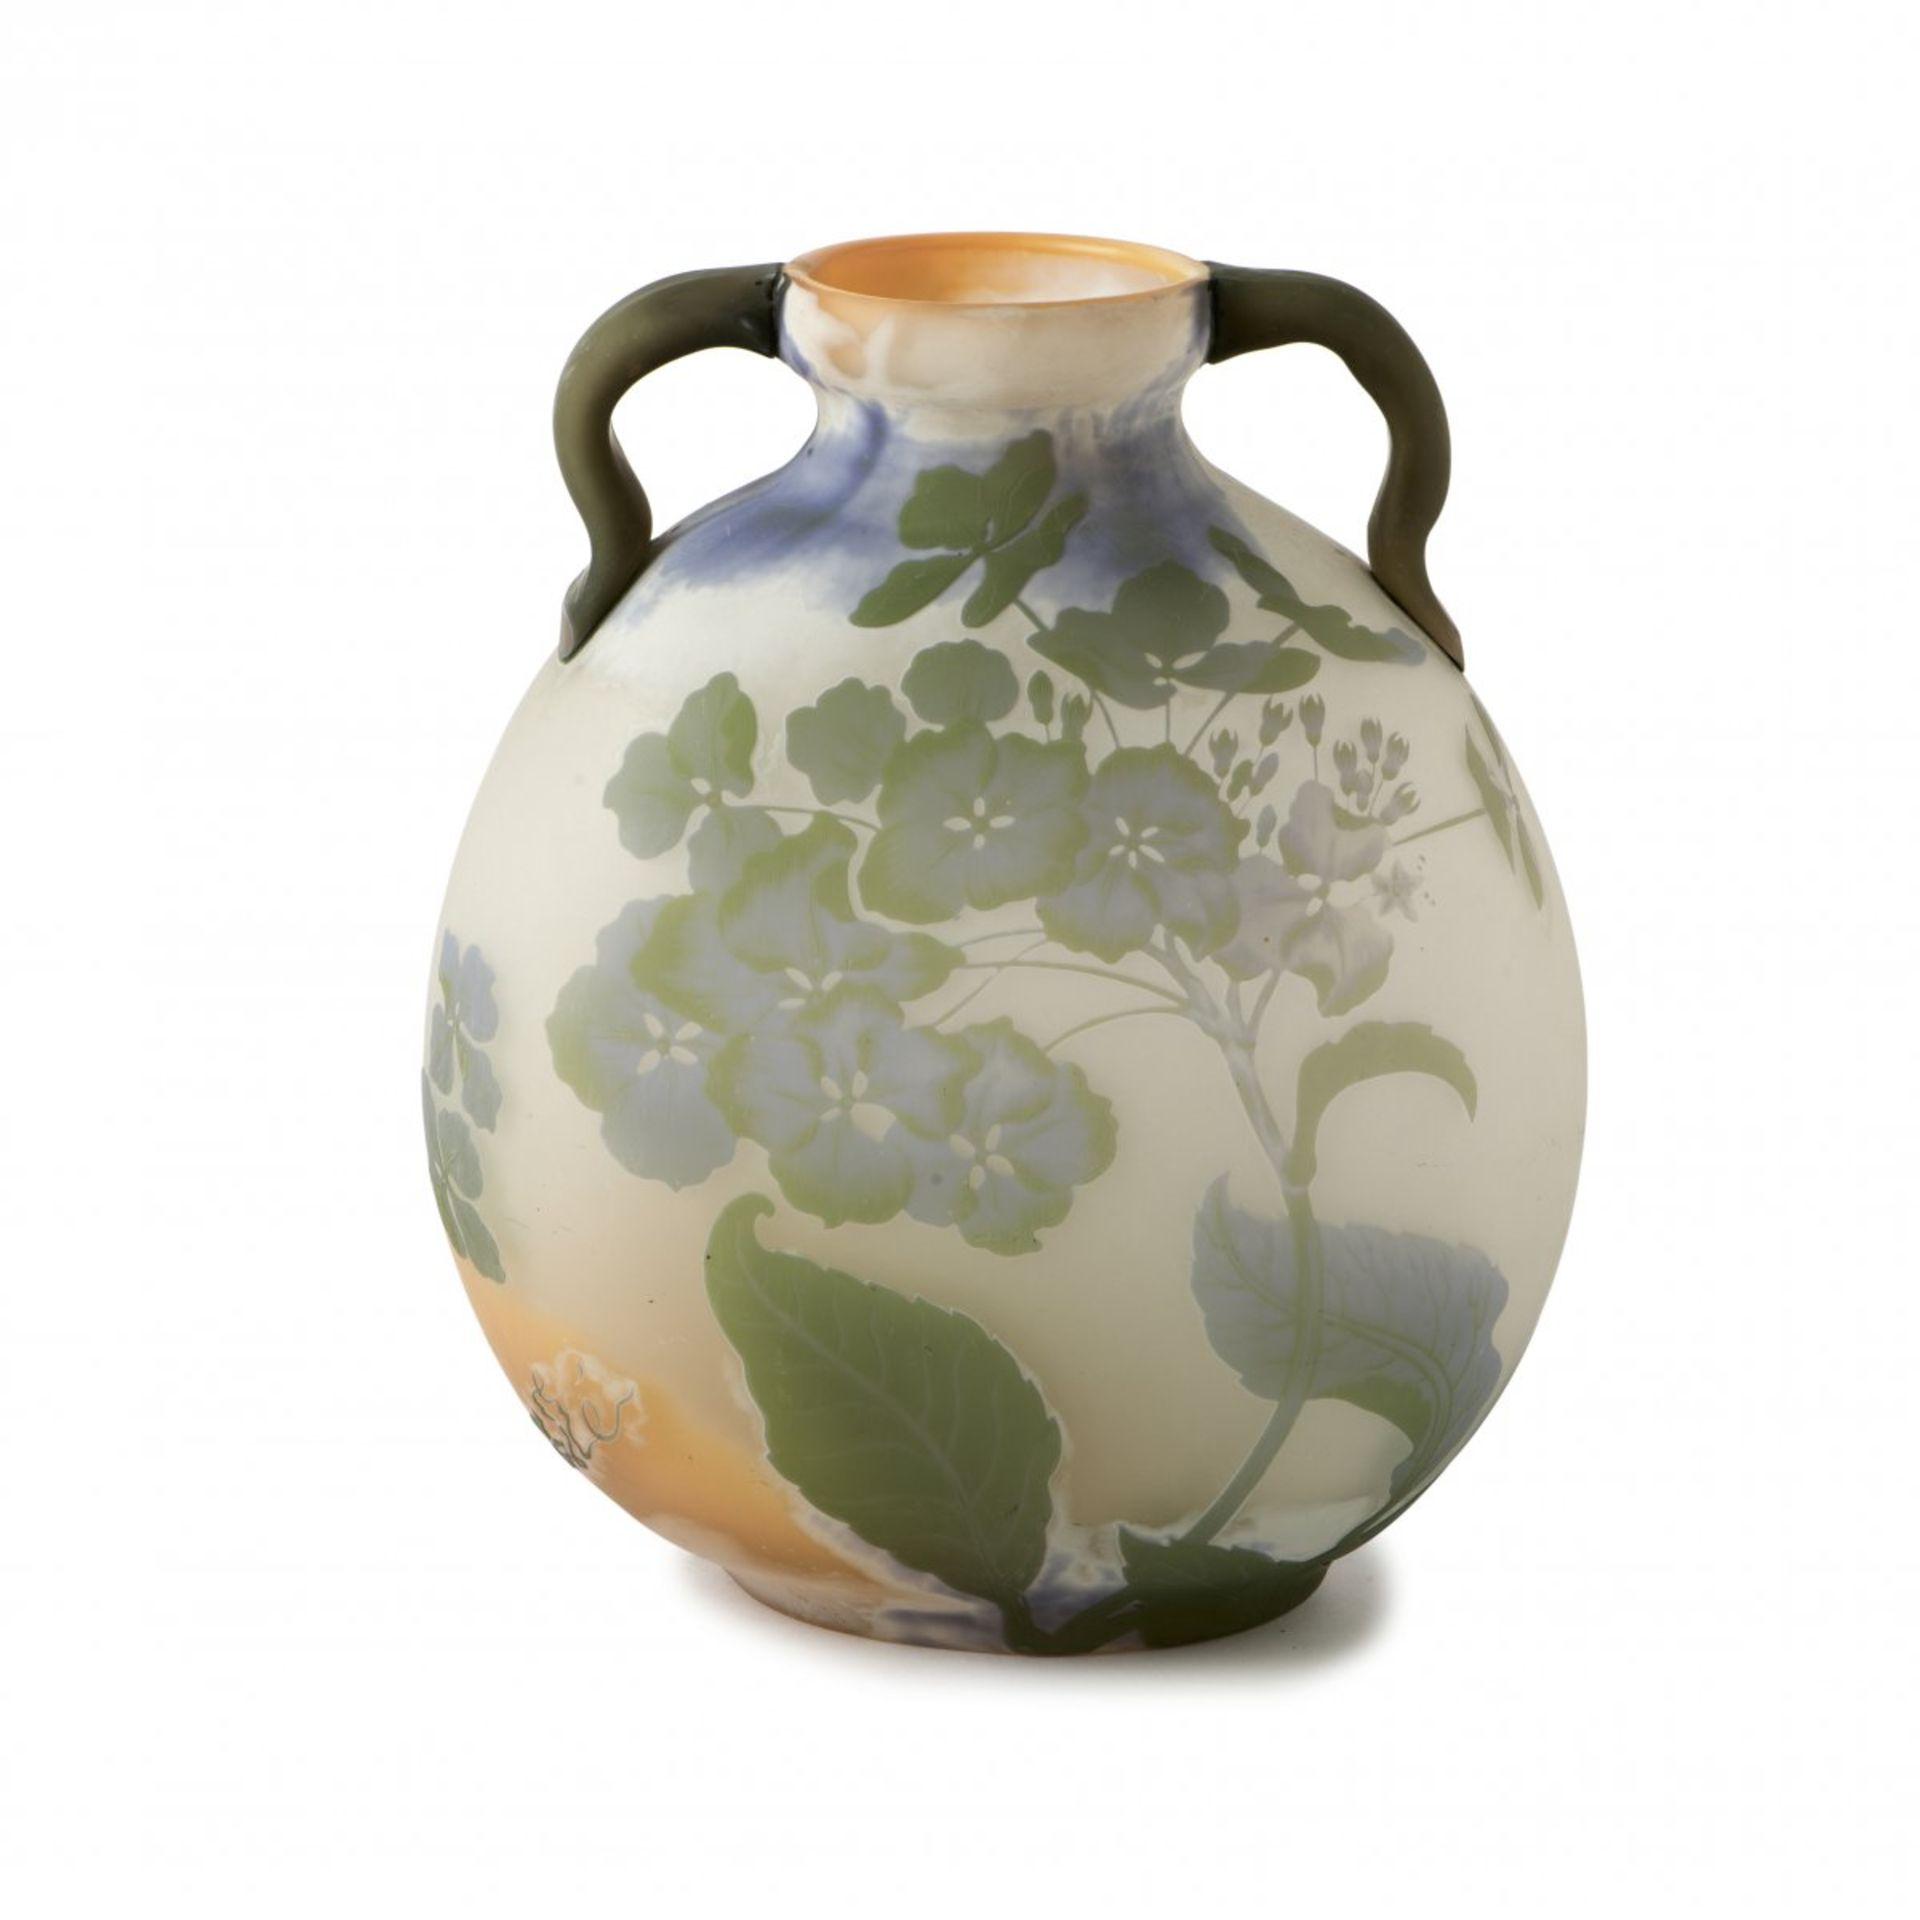 Emile Gallé, Nancy, 'Hortensias' vase, 1903/04